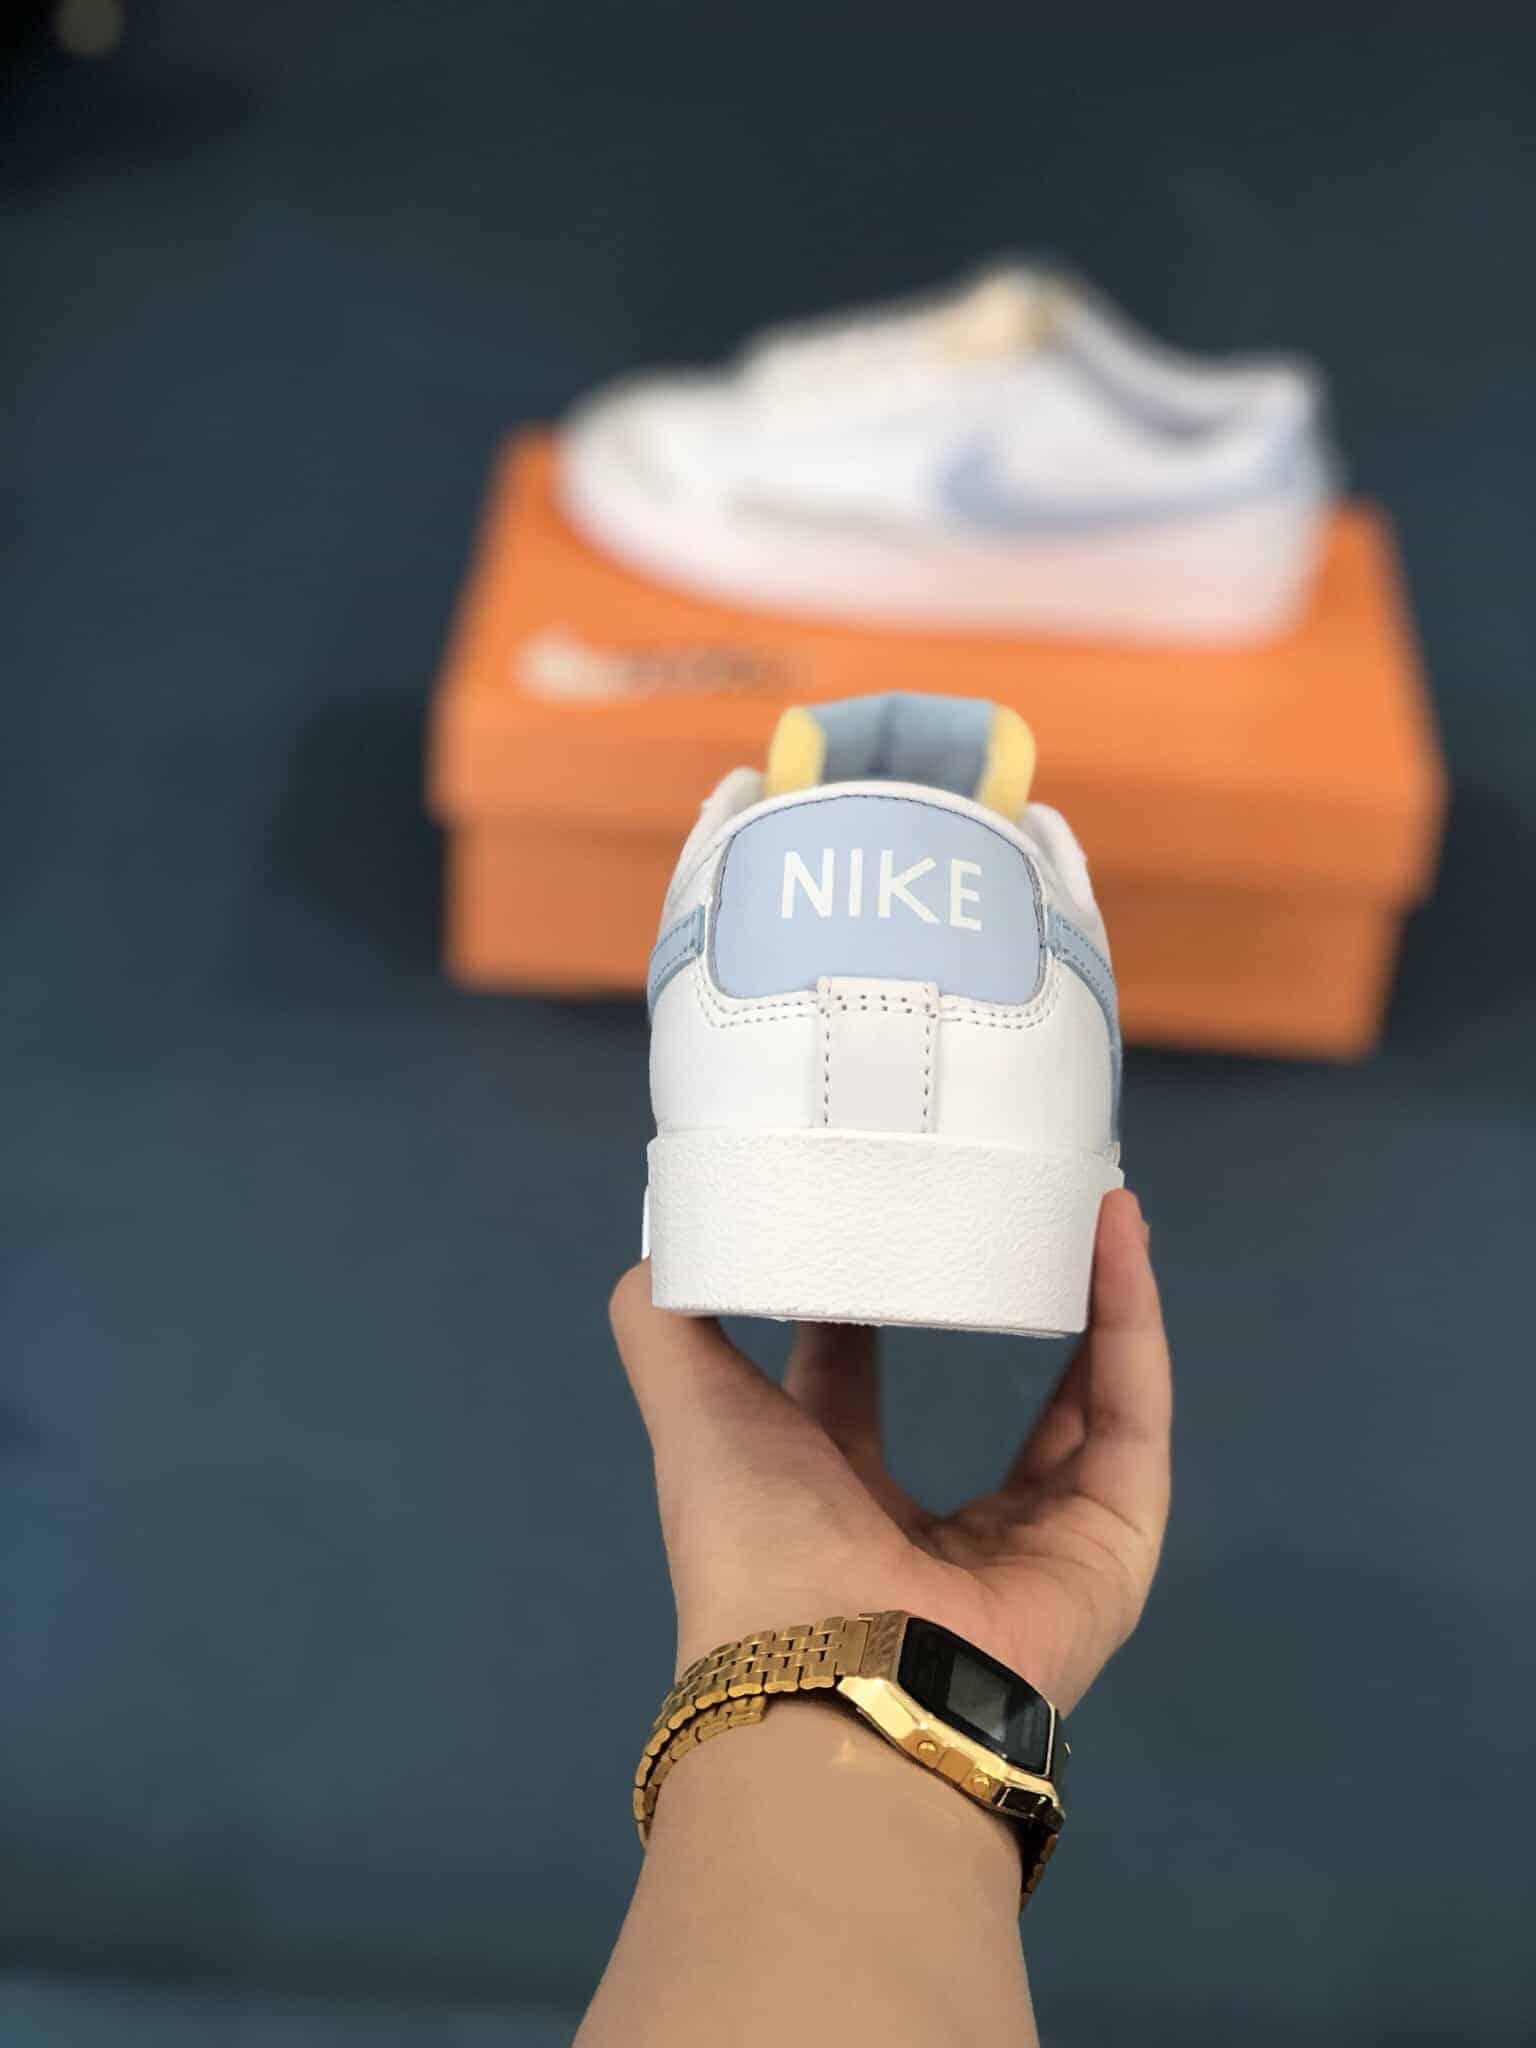 Nike Blazer Low 77 White Ghost Rep 1:1 được nhiều khách hàng lựa chọn nên ưu tiên vì vẻ đẹp tinh tế